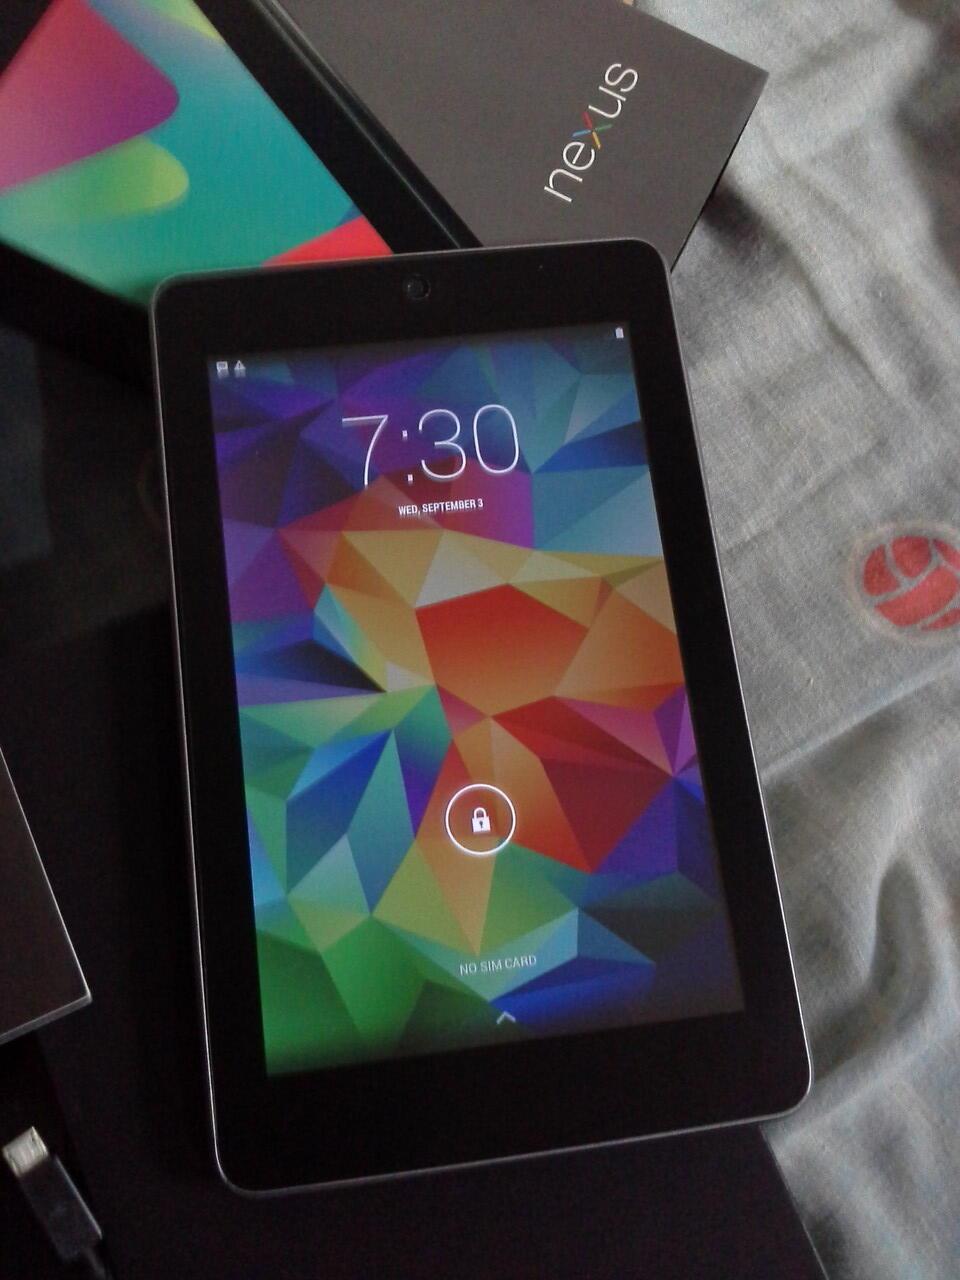 Asus Nexus 7 3G Cellular 32 GB, Fullset, Nggak pake mahal, Bandung, masuk dulu gan..